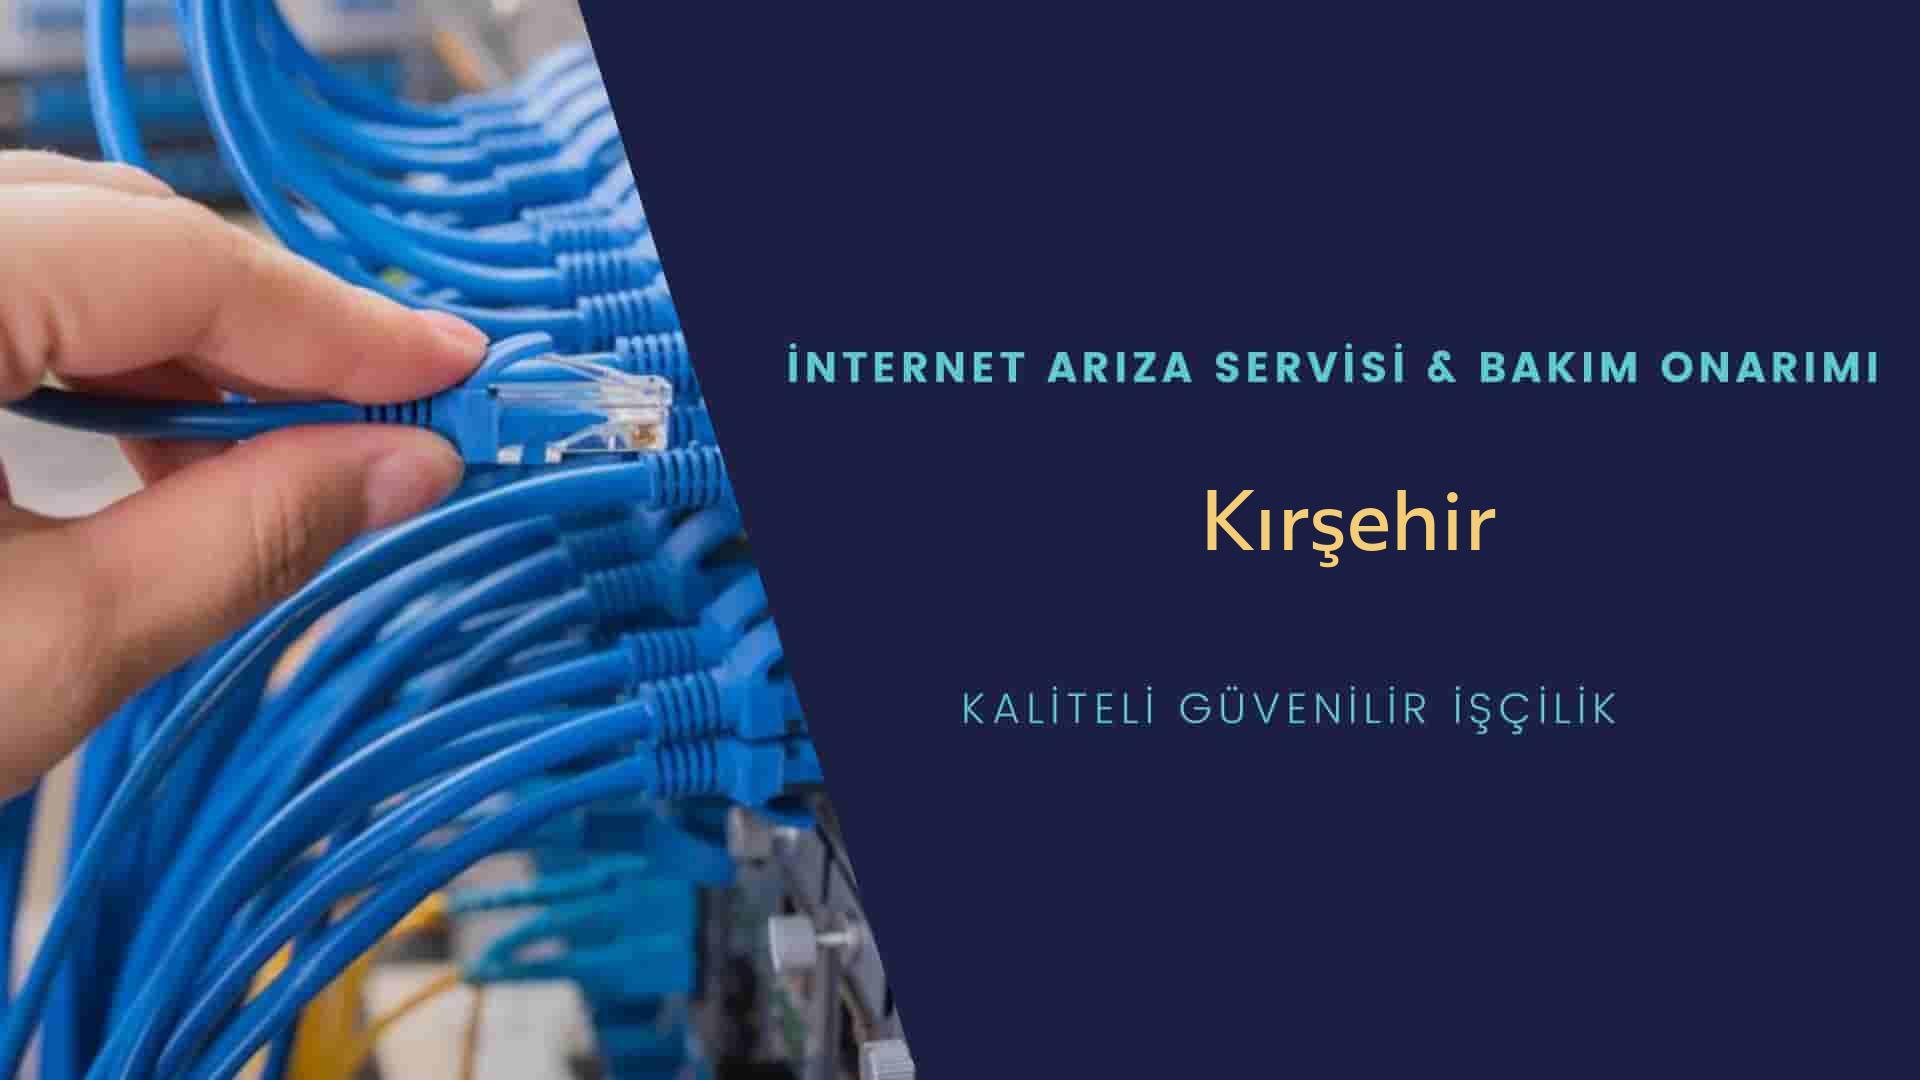 Kırşehir internet kablosu çekimi yapan yerler veya elektrikçiler mi? arıyorsunuz doğru yerdesiniz o zaman sizlere 7/24 yardımcı olacak profesyonel ustalarımız bir telefon kadar yakındır size.